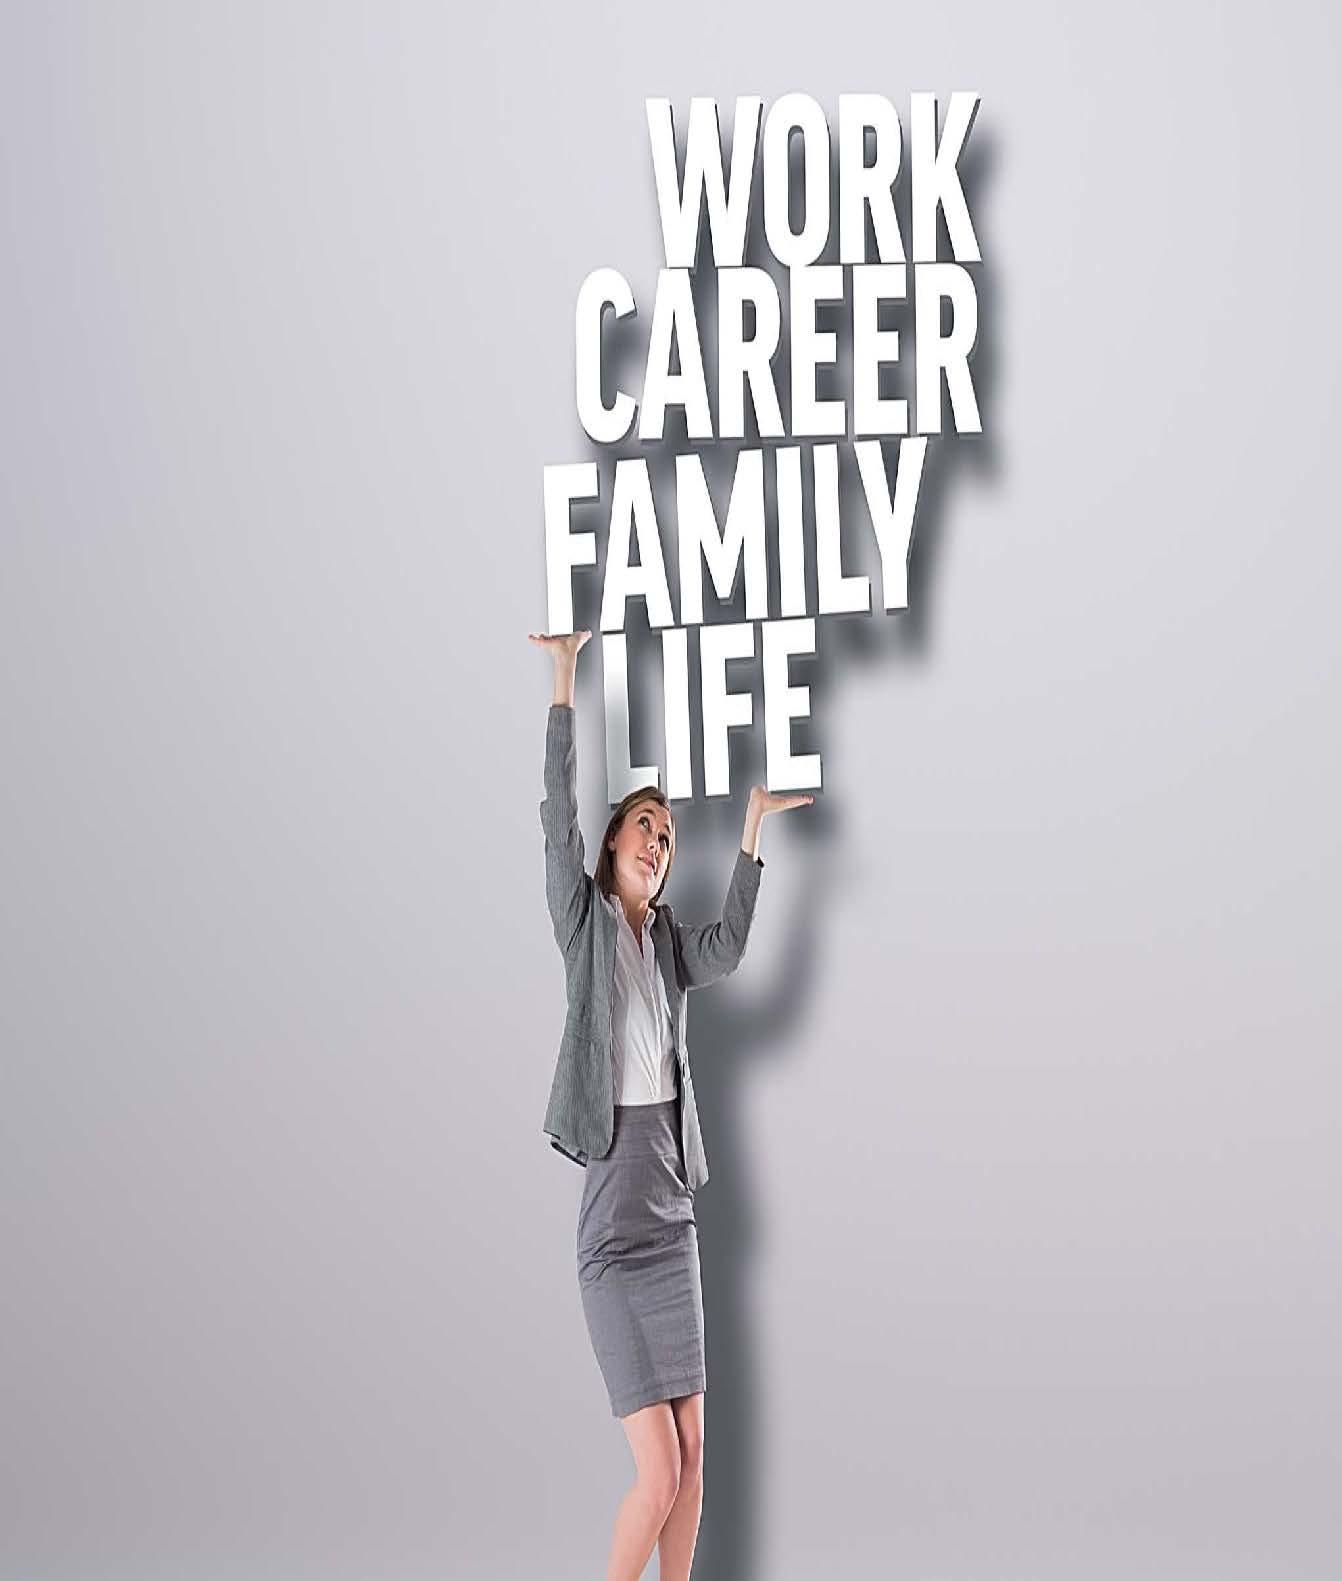 Check Your Work Life Balance.